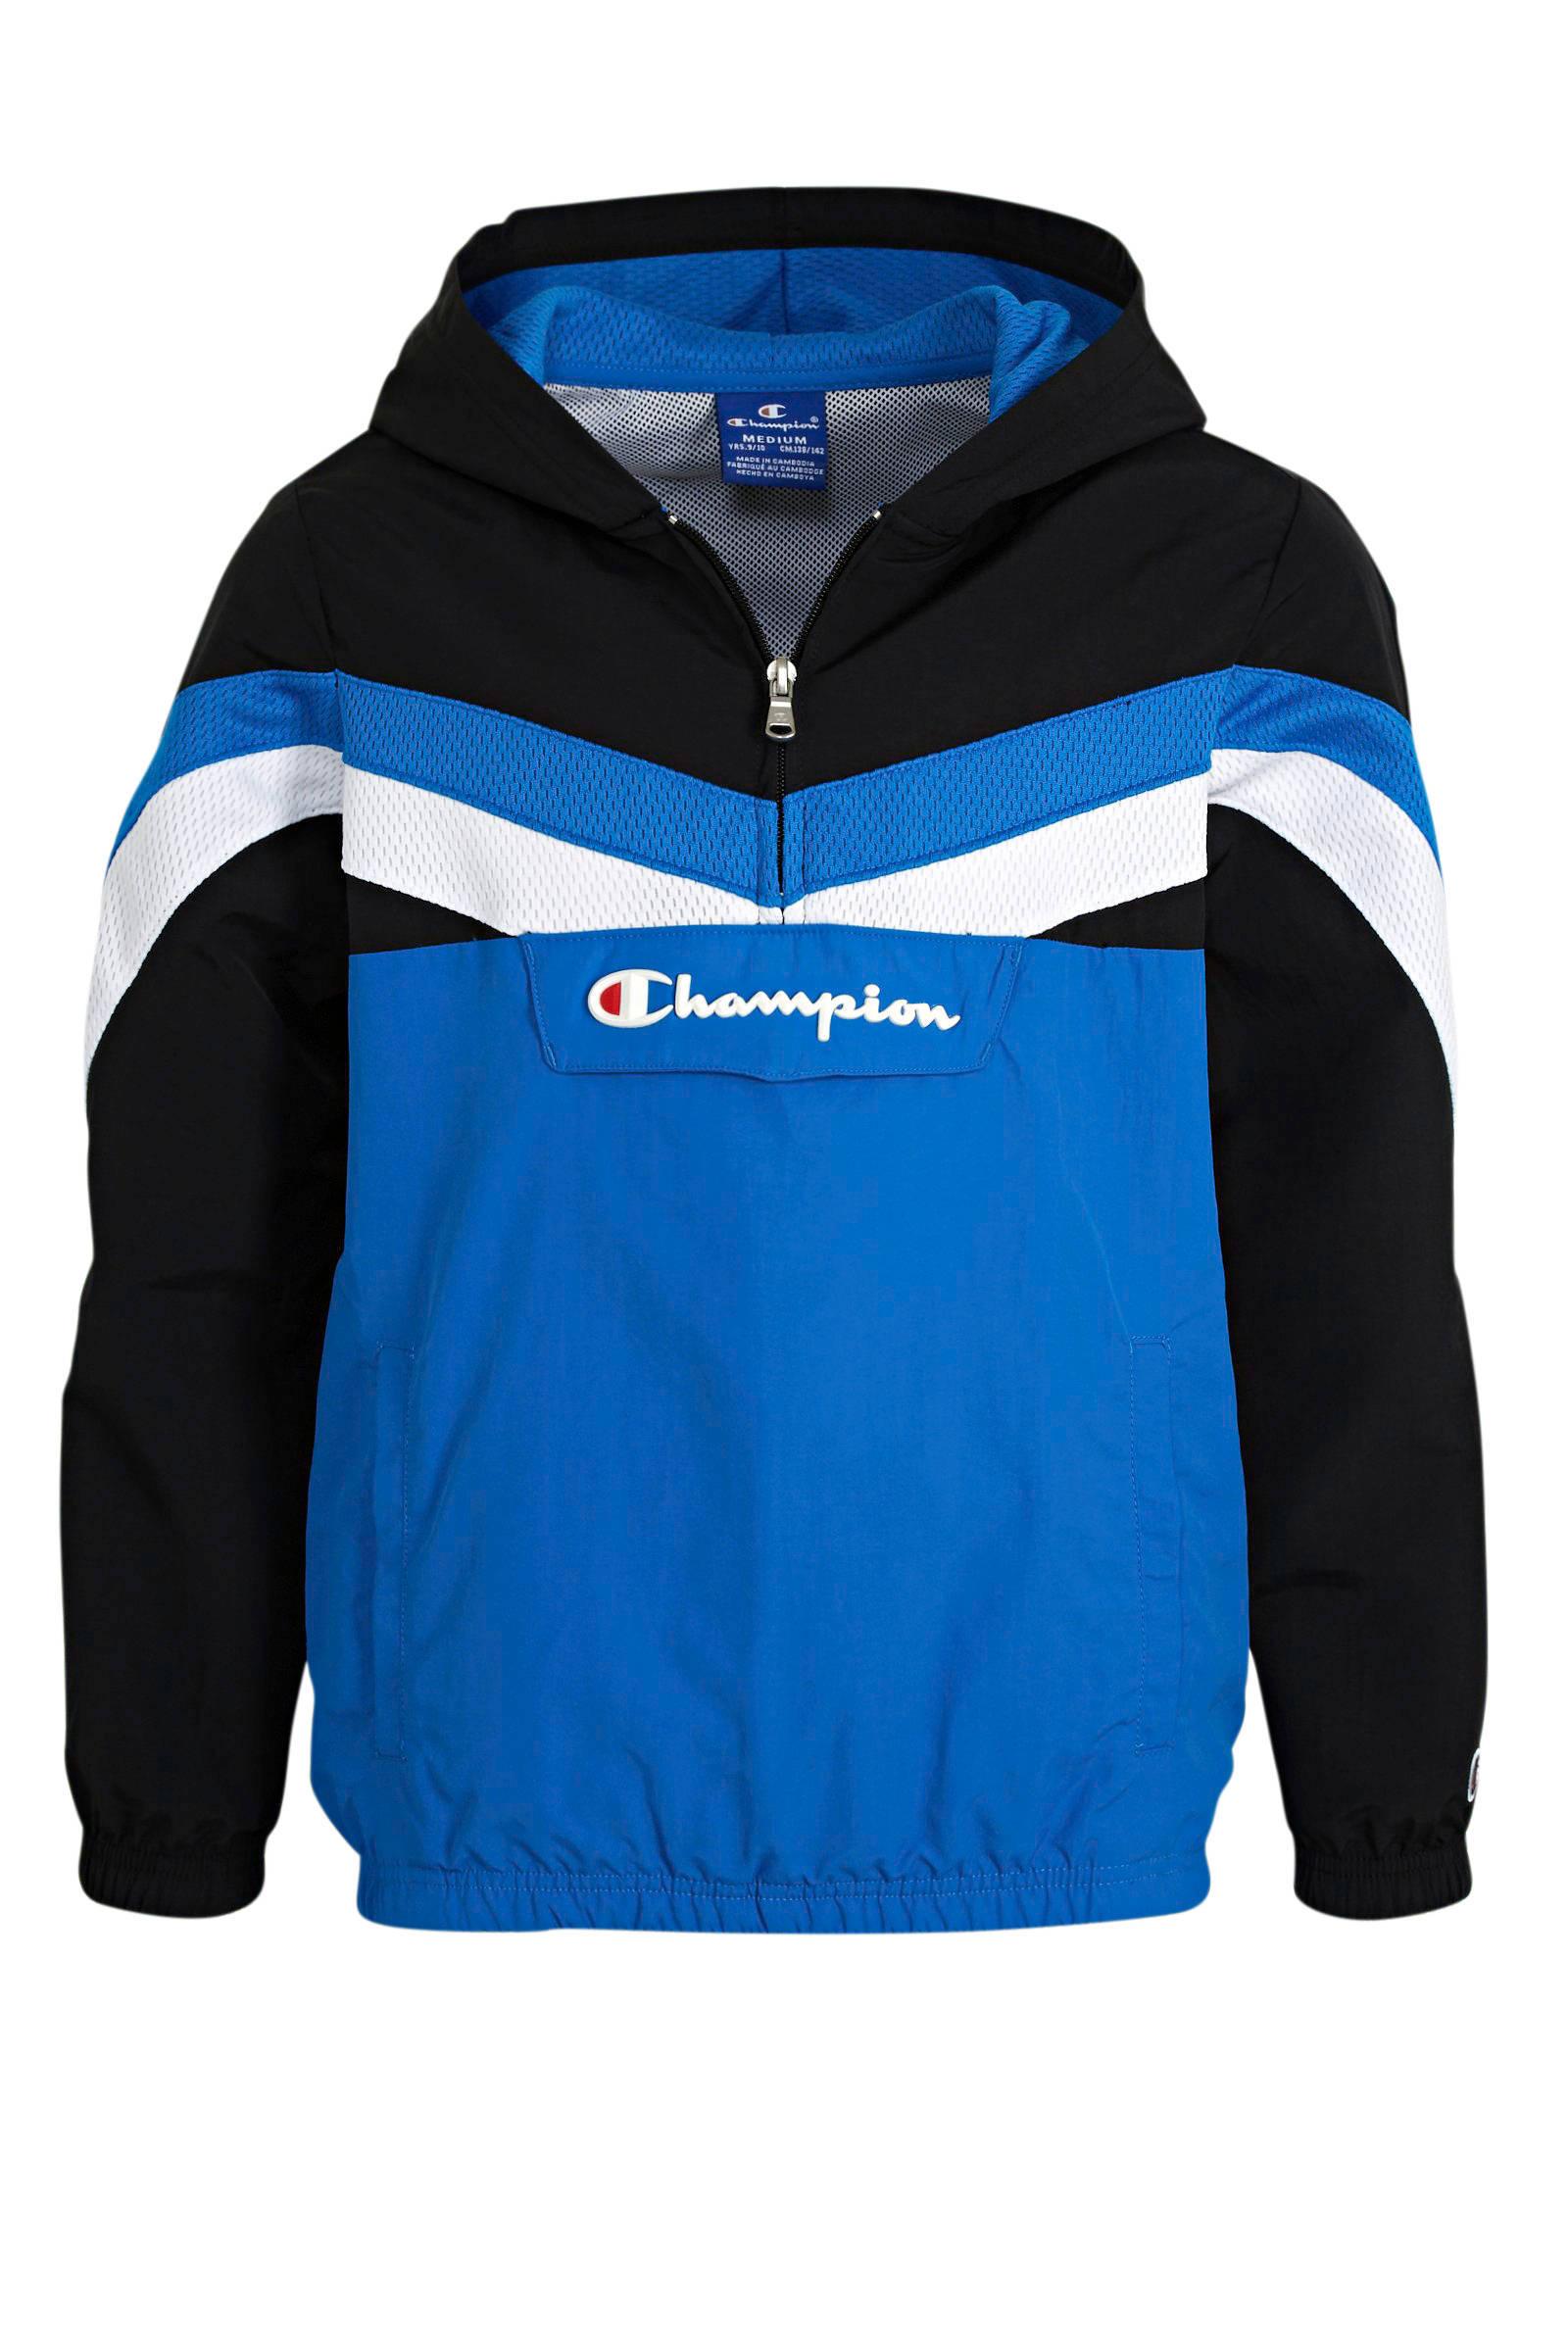 anorakzomerjas met logo zwartblauwwit